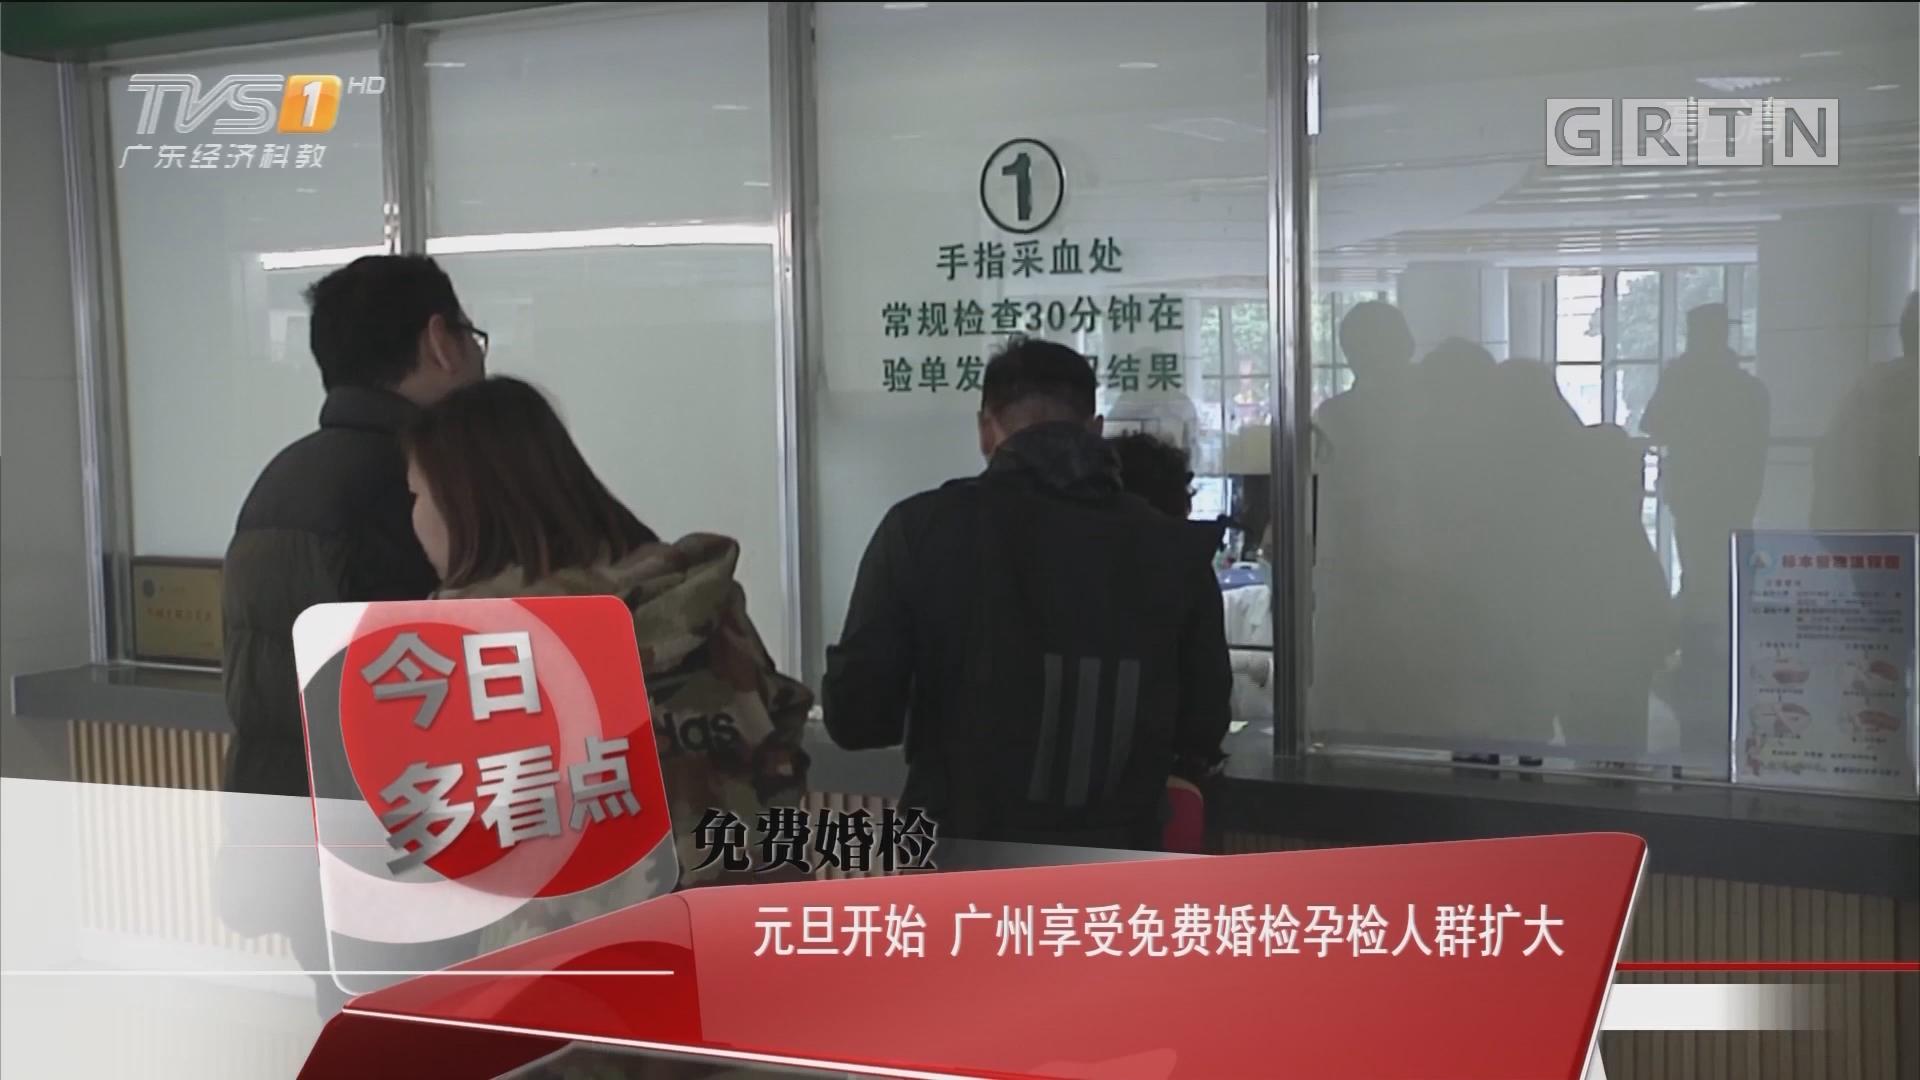 免费婚检:元旦开始 广州享受免费婚检孕检人群扩大